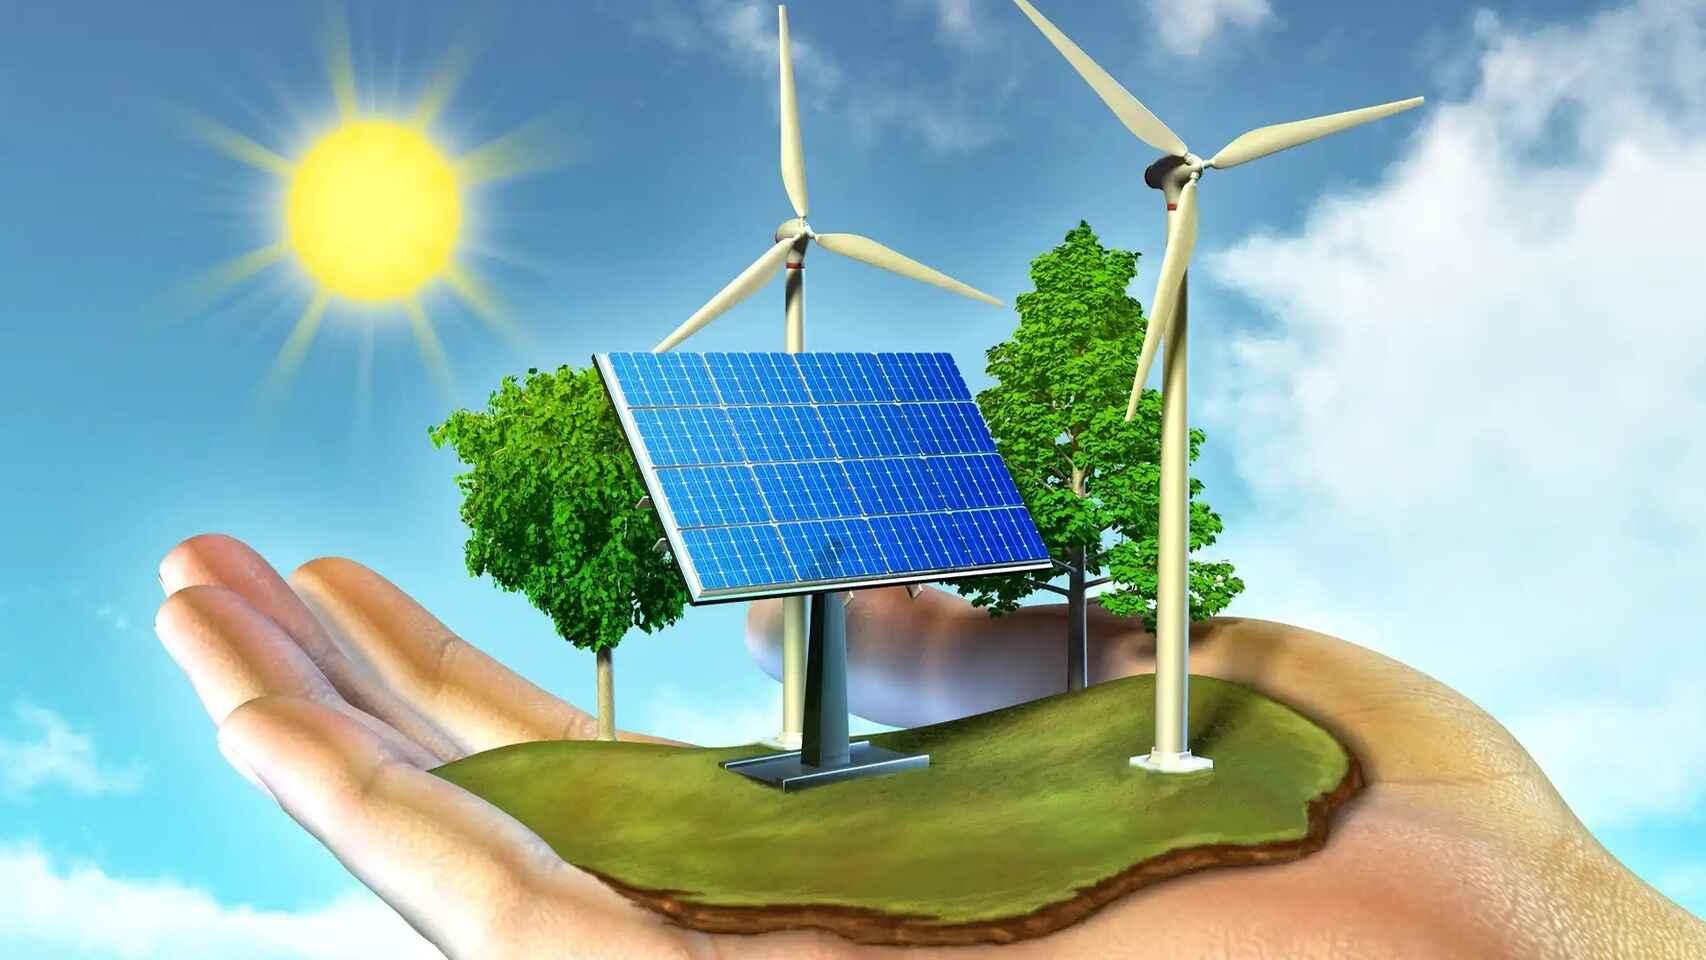 Mano sosteniendo molino eólico, panel solar y árboles